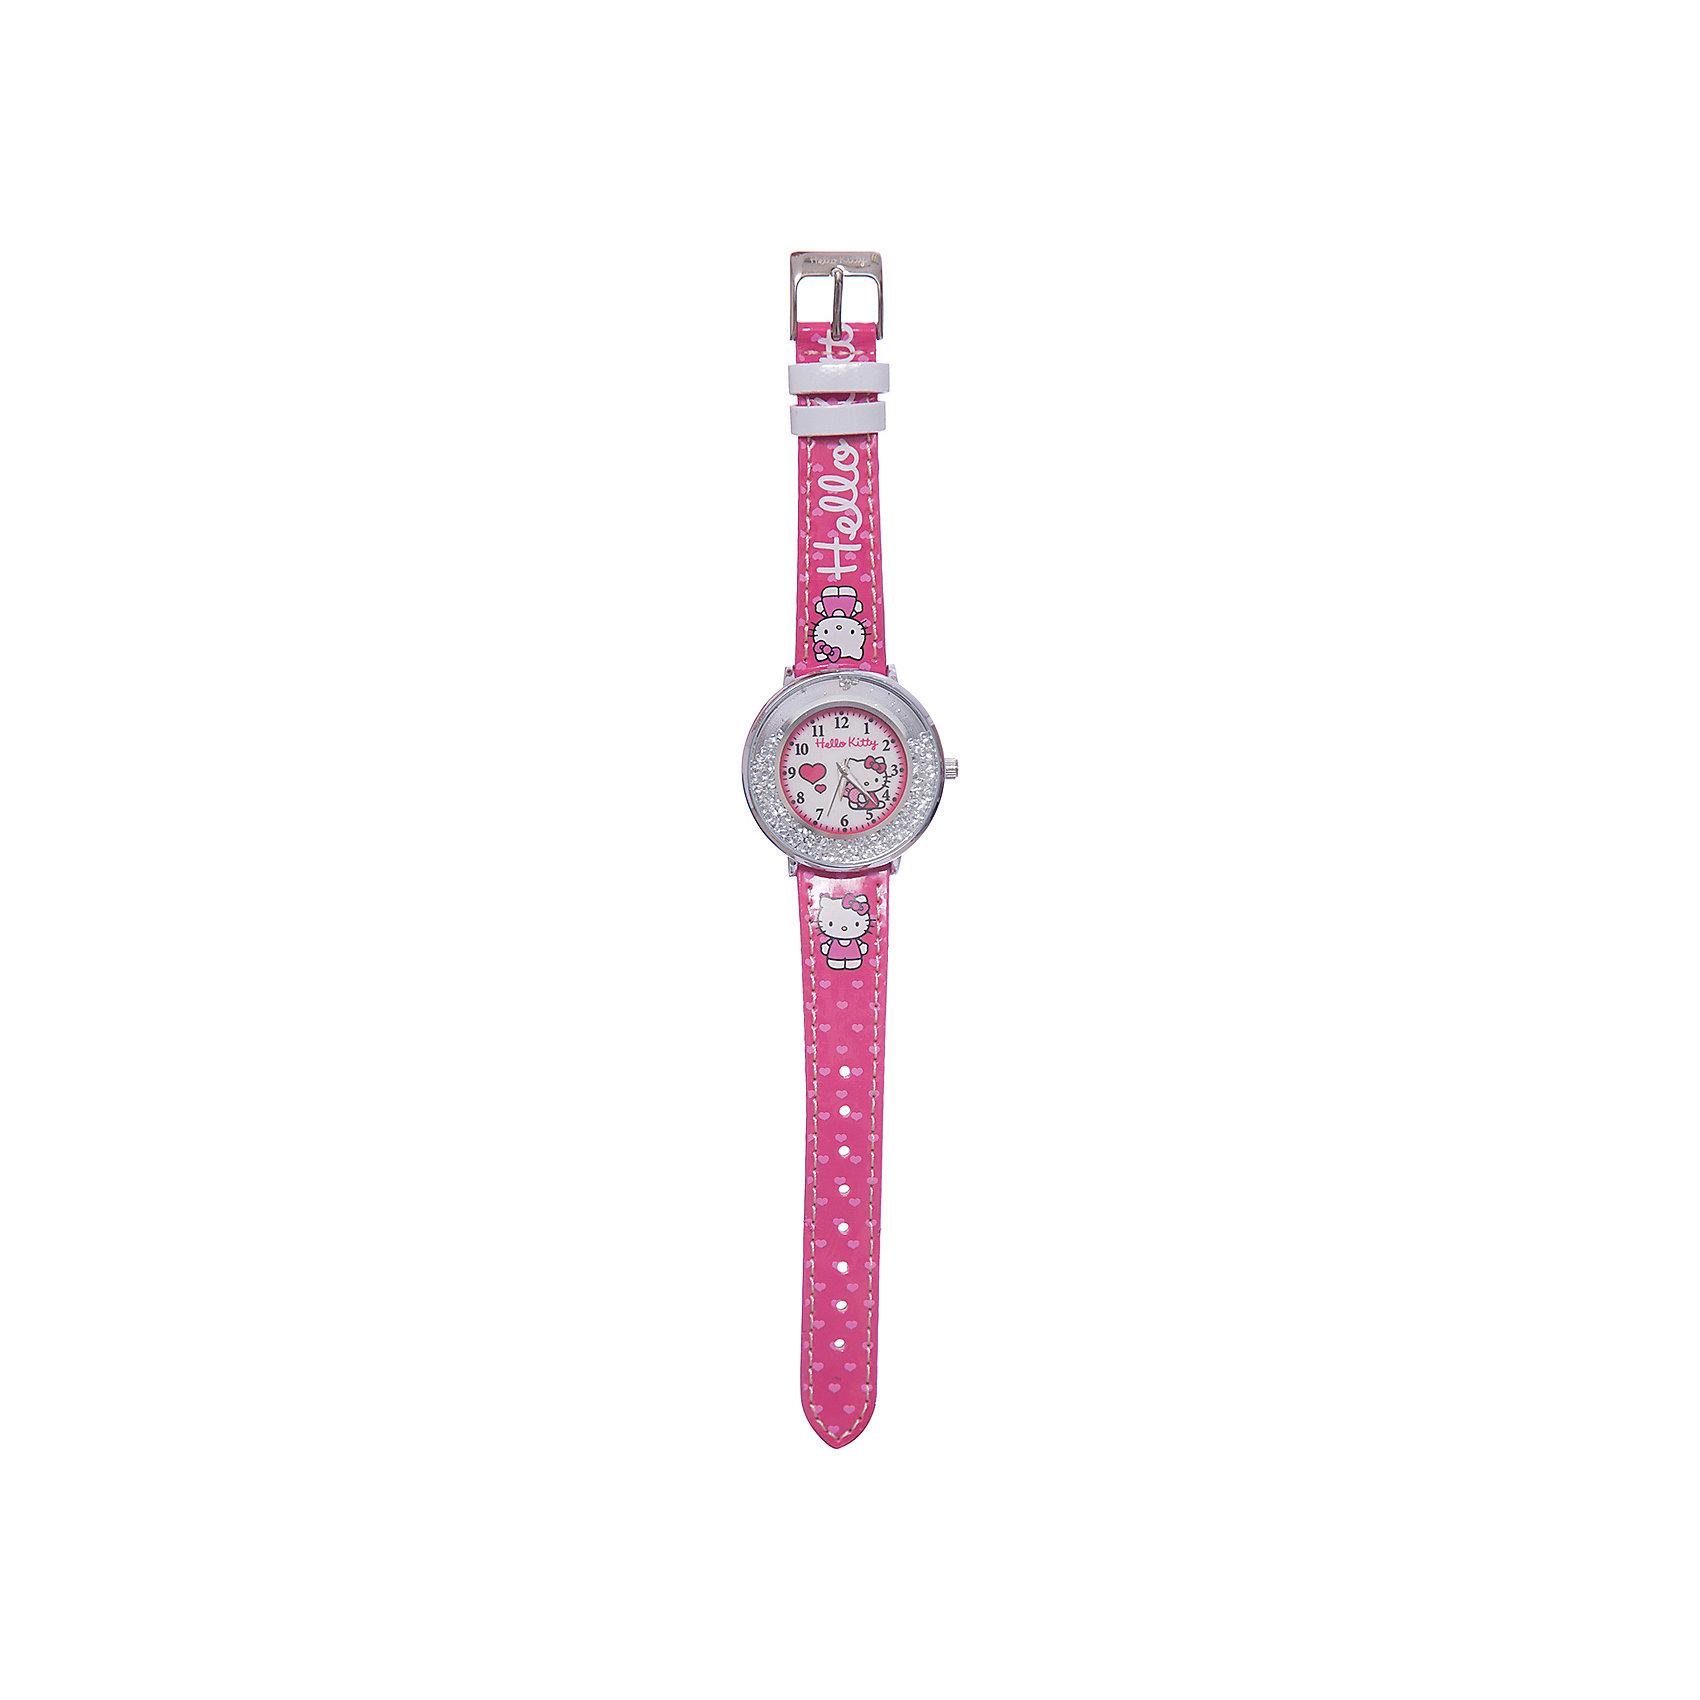 Часы наручные аналоговые, Hello KittyАксессуары<br>Эксклюзивные наручные аналоговые часы торговой марки Hello Kitty выполнены по индивидуальному дизайну ООО «Детское Время» и лицензии компании Sanrio. Обилие деталей - декоративных элементов (страз, мерцающих ремешков), надписей,  уникальных изображений - делают изделие тщательно продуманным творением мастеров. Часы имеют высококачественный японский кварцевый механизм и отличаются надежностью и точностью хода. Часы водоустойчивы и обладают достаточной герметичностью, чтобы спокойно перенести случайный и незначительный контакт с жидкостями (дождь, брызги), но они не предназначены для плавания или погружения в воду. Циферблат защищен от повреждений прочным минеральным стеклом. Корпус часов выполнен из стали,  задняя крышка из нержавеющей стали. Материал браслета: искусственная кожа. Единица товара упаковывается в стильную подарочную коробочку. Неповторимый стиль с изобилием насыщенных и в тоже время нежных гамм; надежность и прочность изделия позволяют говорить о нем только в превосходной степени!Размеры изделия: 1,5х0,1х21 (ДШВ), диаметр циф-та - 3,5 см<br><br>Ширина мм: 55<br>Глубина мм: 10<br>Высота мм: 250<br>Вес г: 32<br>Возраст от месяцев: 36<br>Возраст до месяцев: 72<br>Пол: Женский<br>Возраст: Детский<br>SKU: 5529320